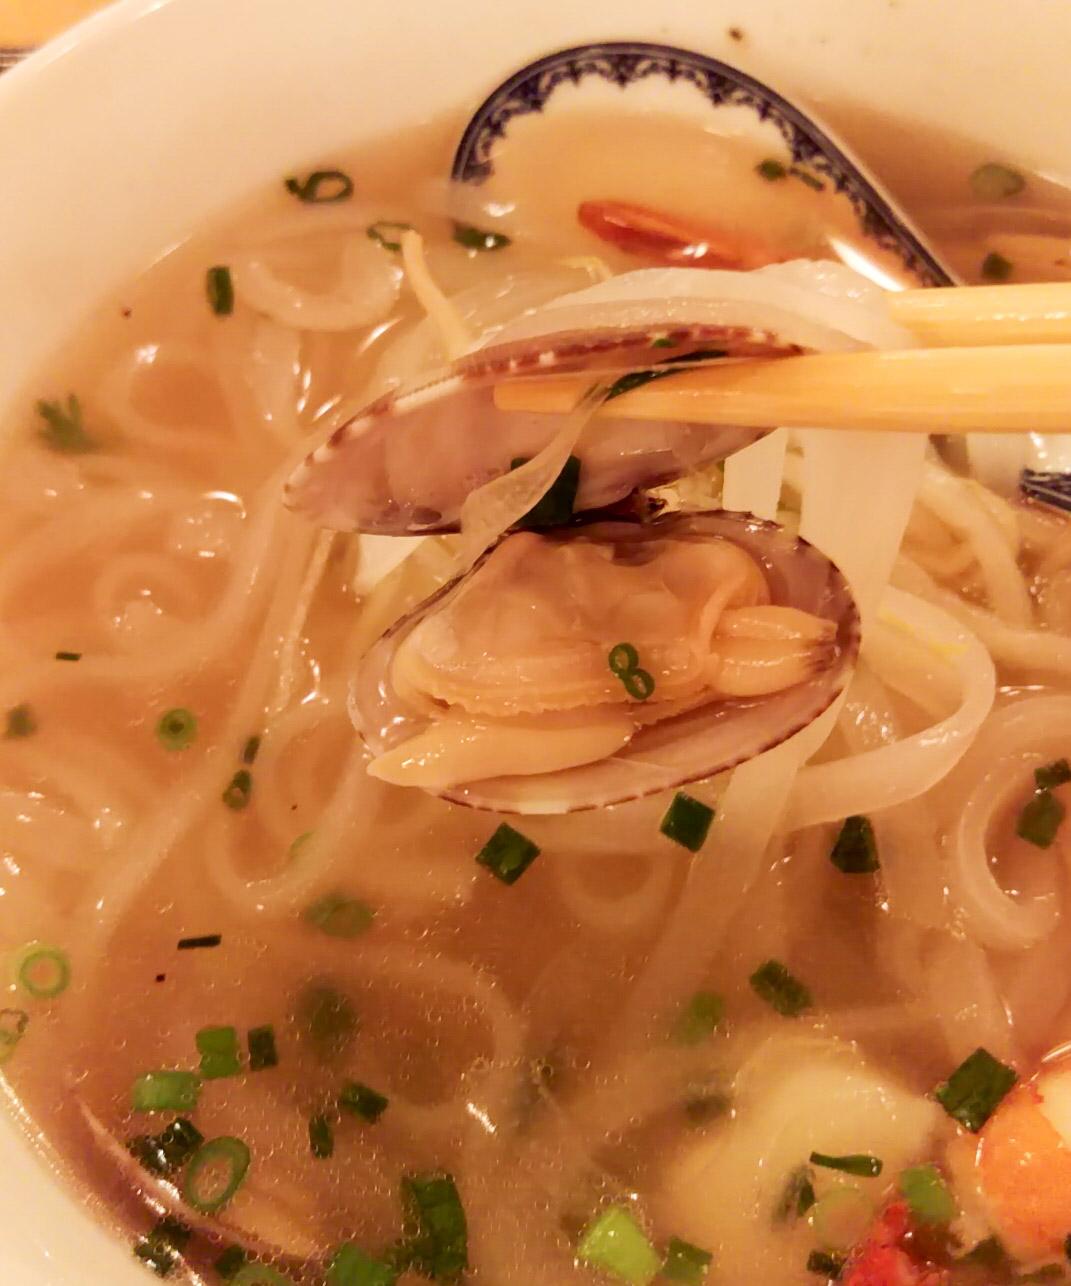 あさり…いい火の通り具合で、スープにいい塩気を出している